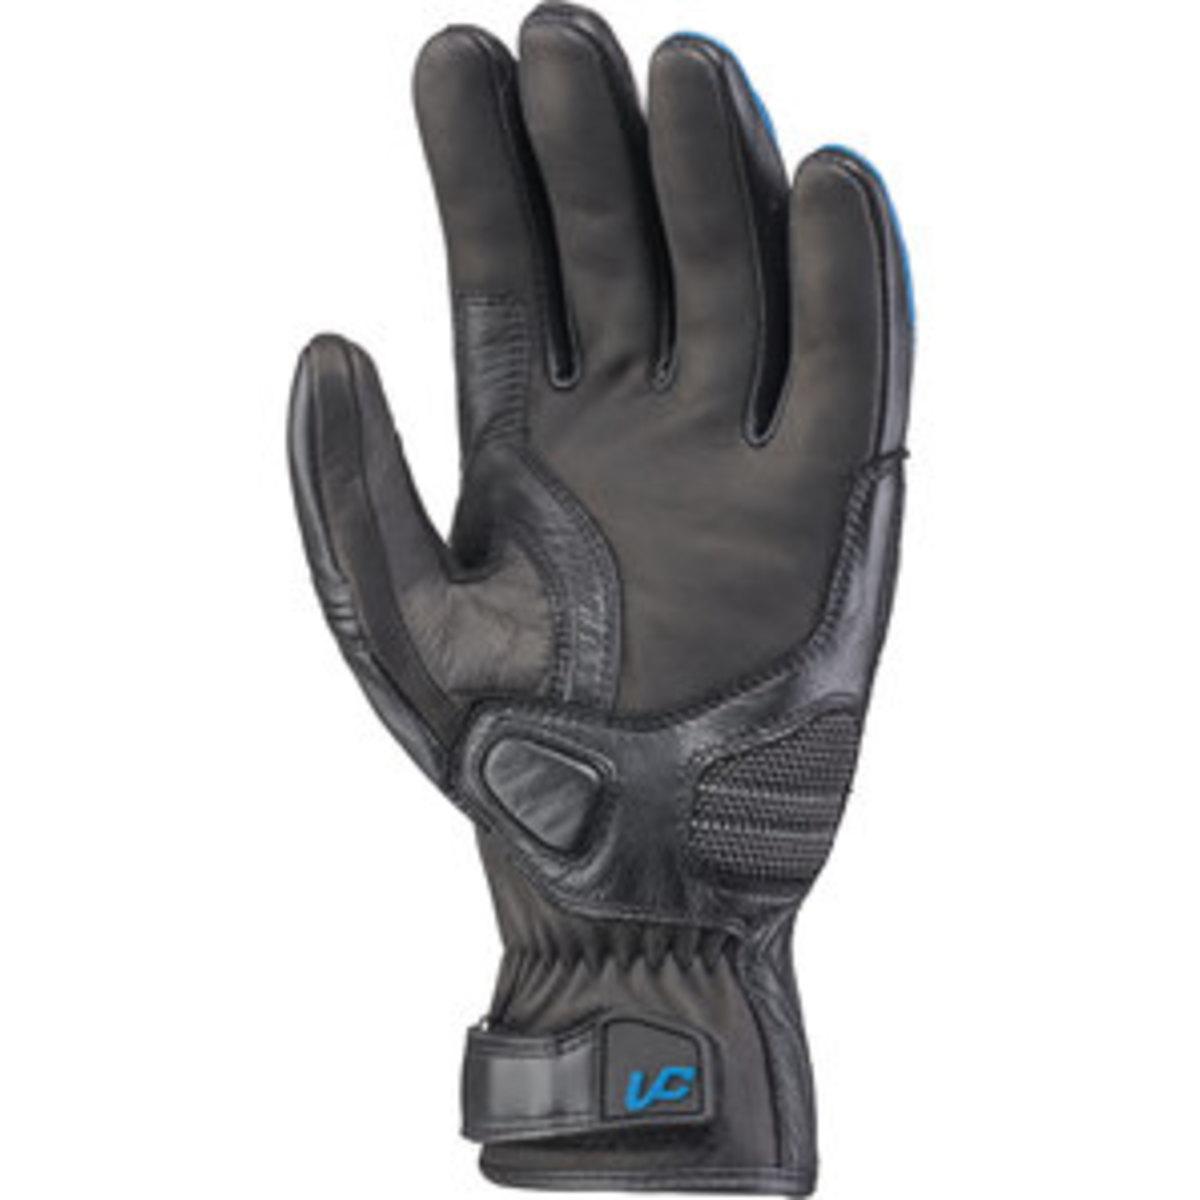 Bild 2 von Vanucci Short Racing III Handschuhe